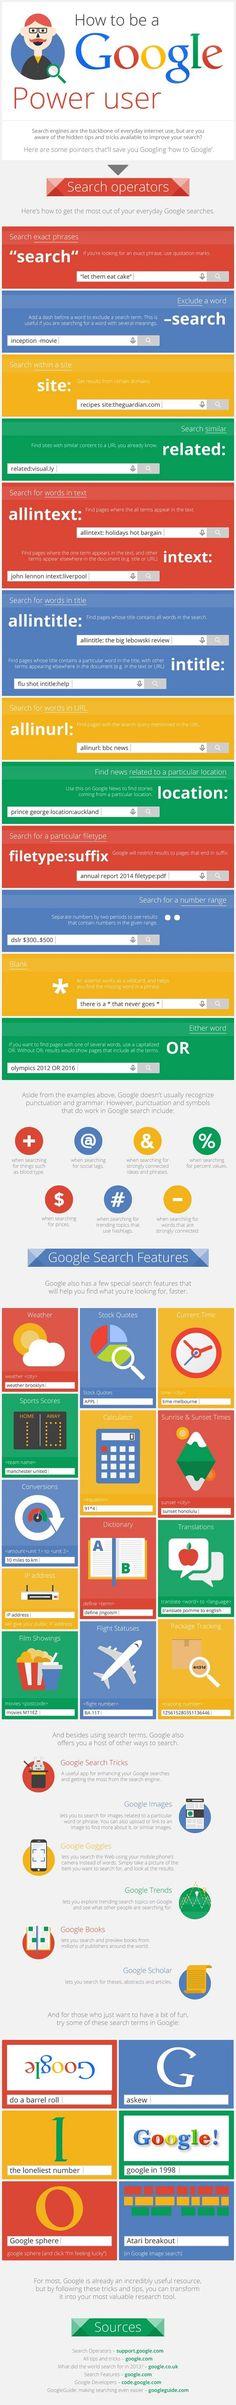 Google est aujourd'hui LE moteur de recherche incontournable : plus de 100 000 recherches sont effectuées par les internautes toutes les secondes. Le site Goog